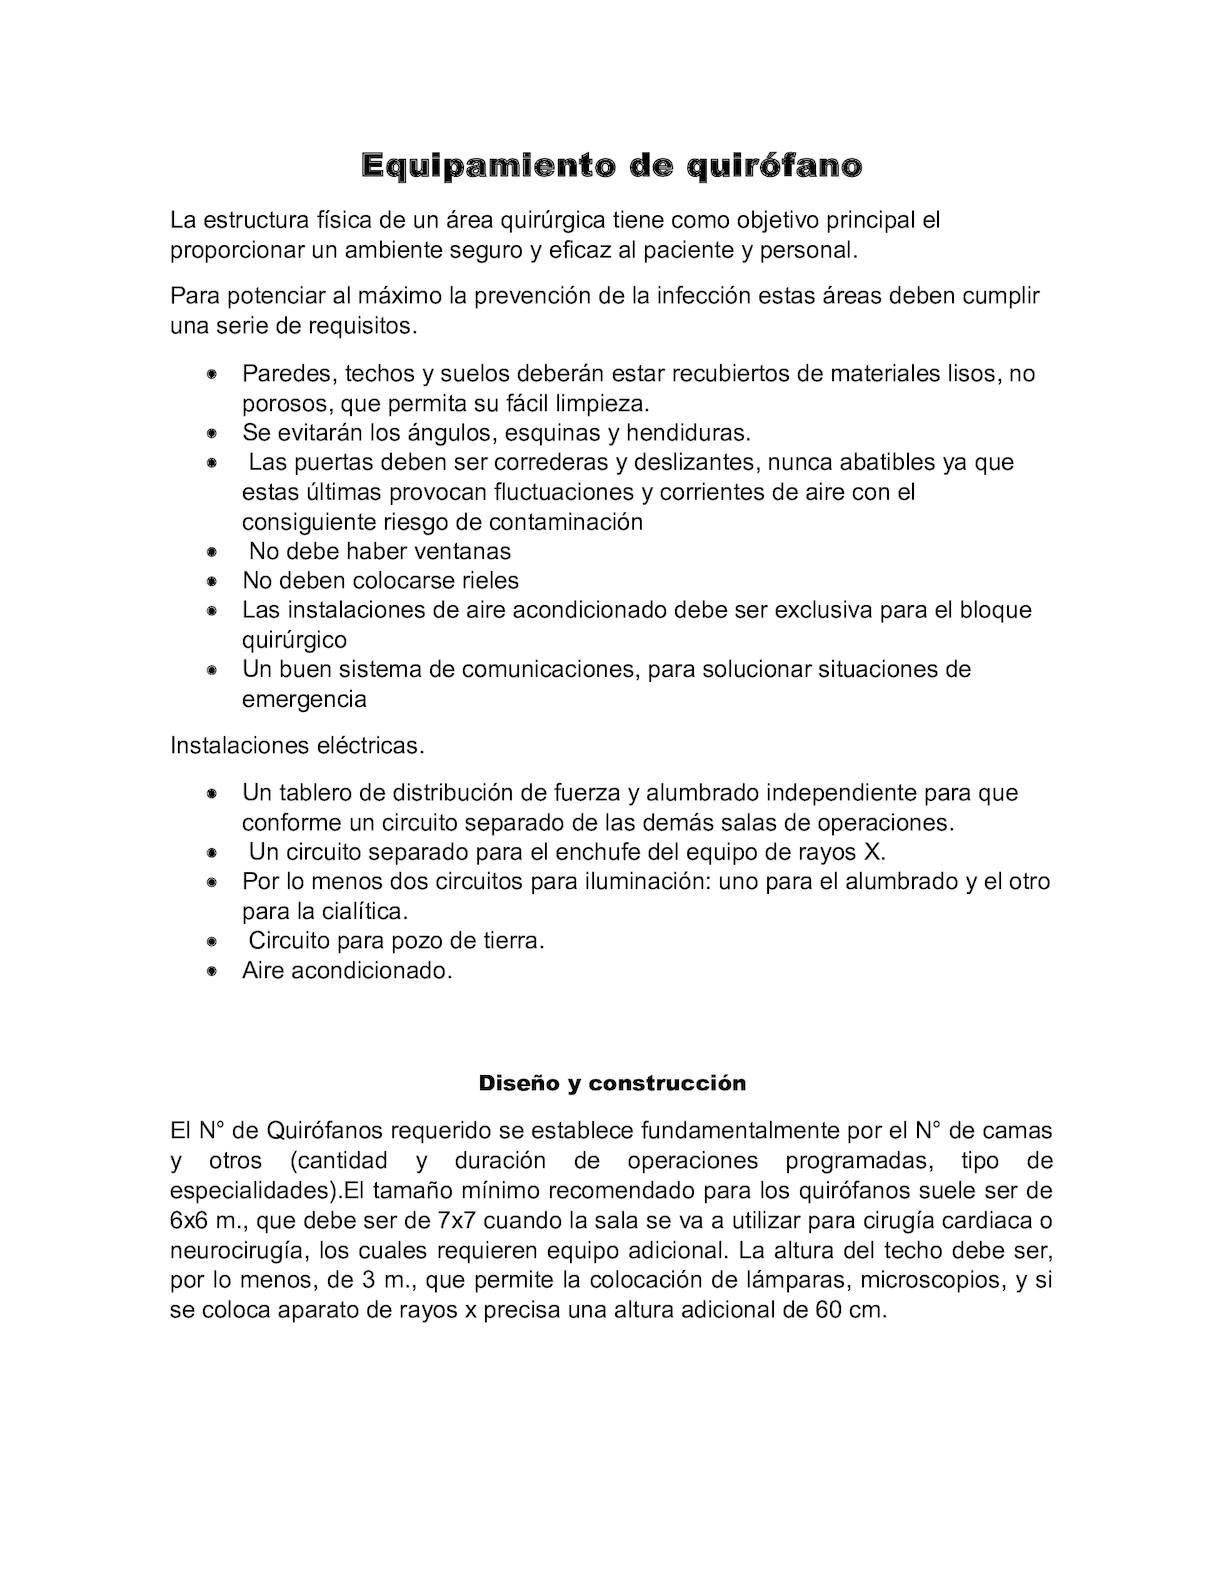 Circuito Quirurgico : Calaméo equipamiento de quirófano